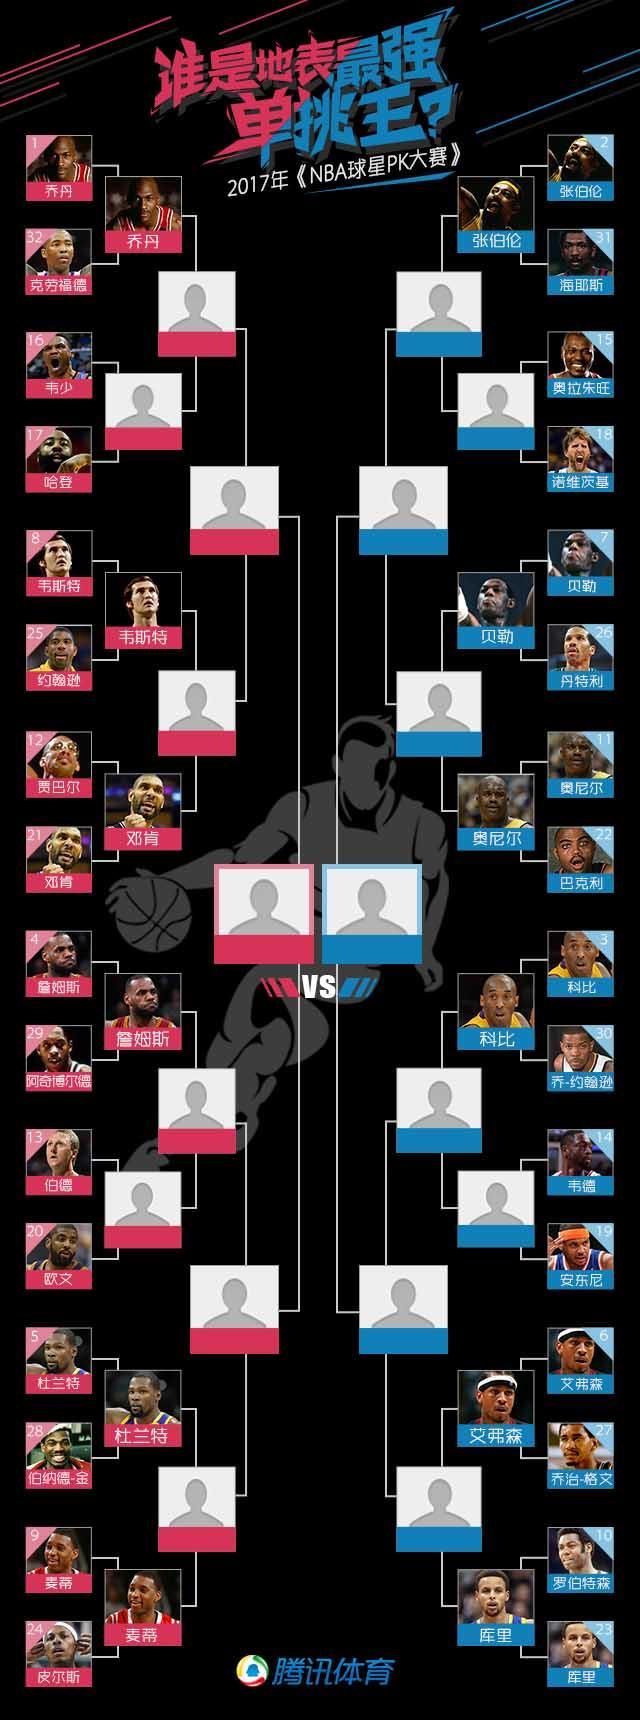 球星PK大赛最想看谁对决?姚明:乔丹单挑科比